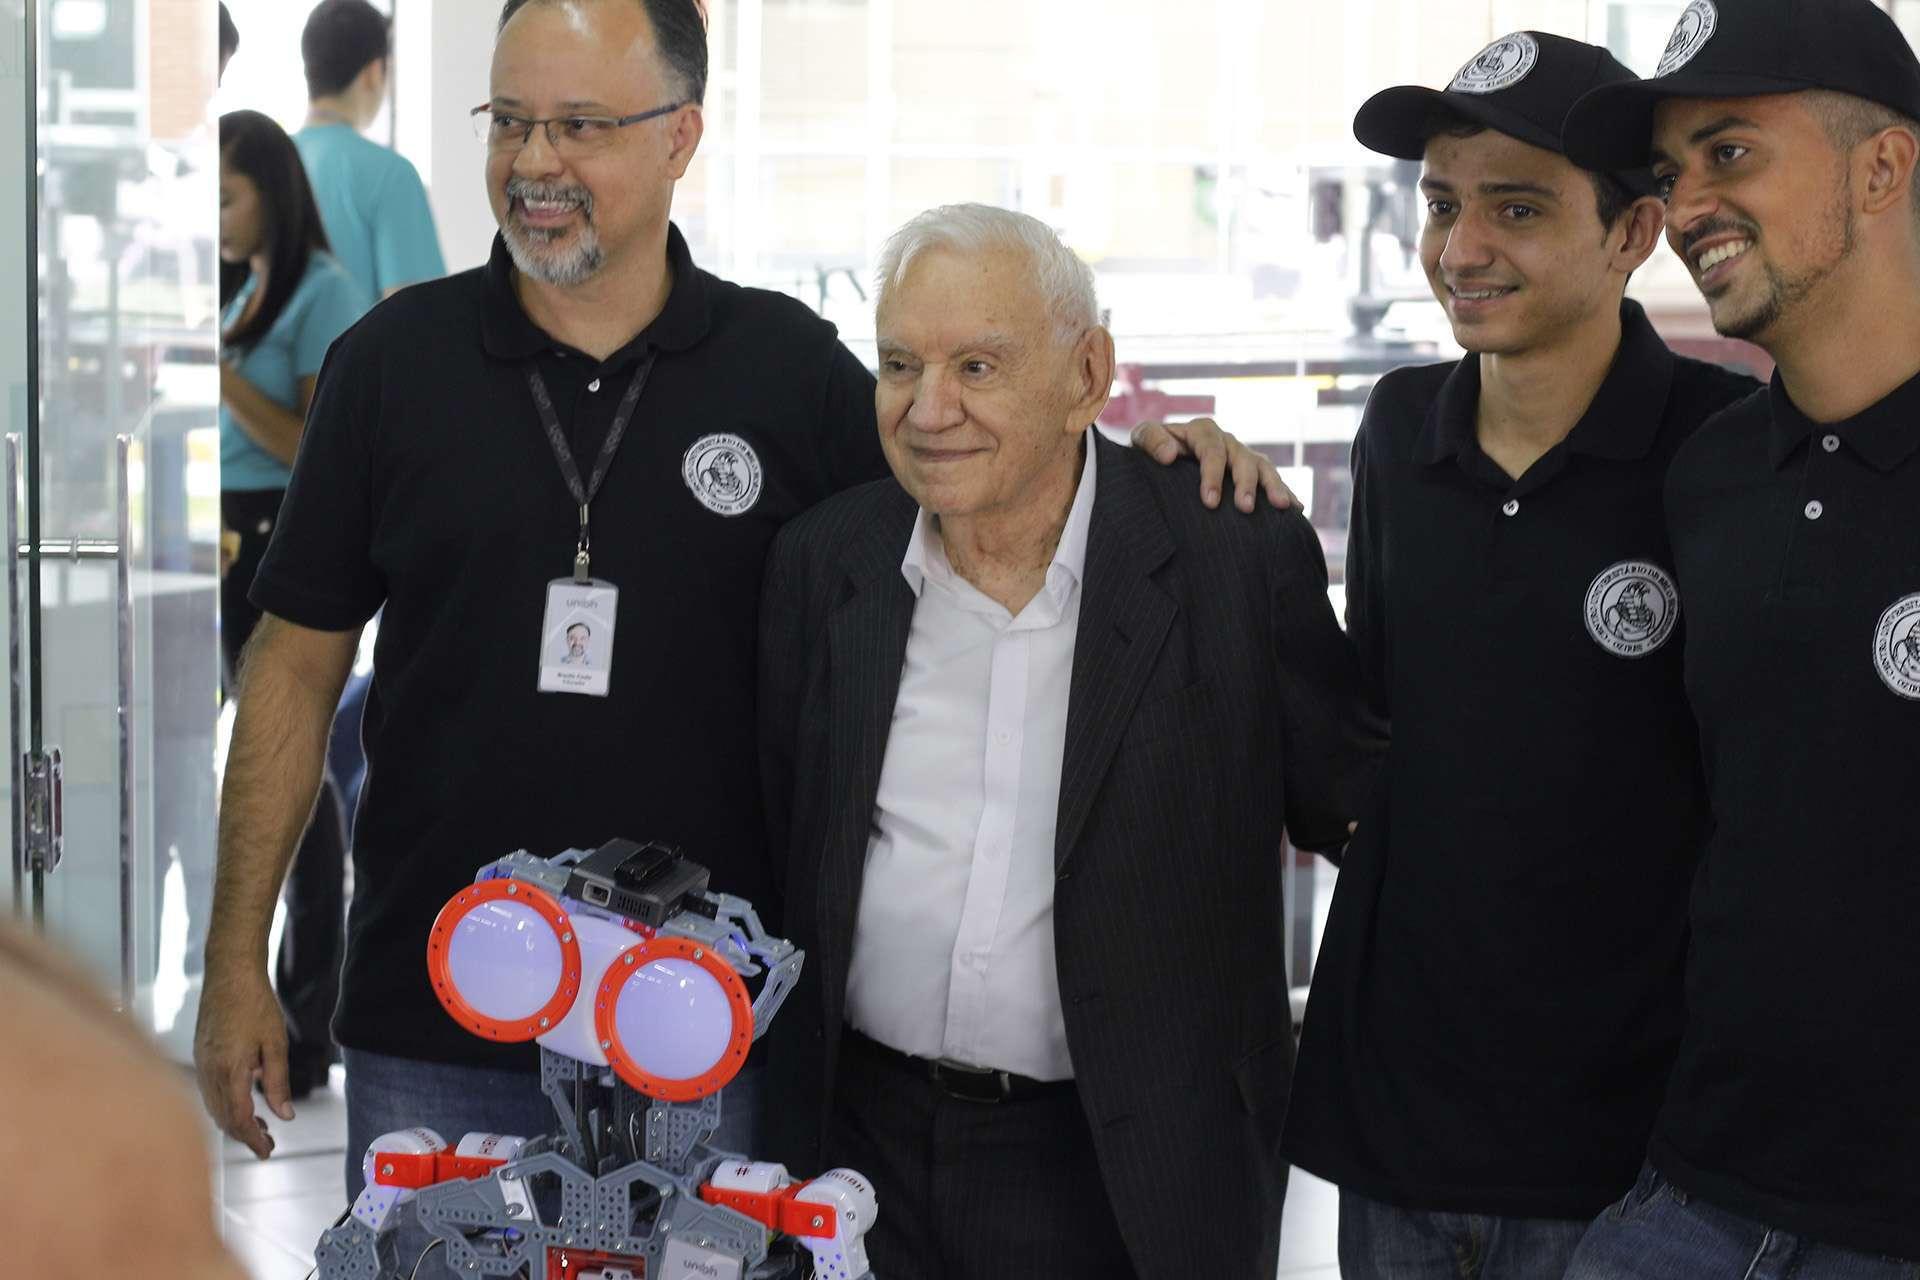 Dr. Ozires Silva - Espaço Maker - Foto 3 - William Araújo